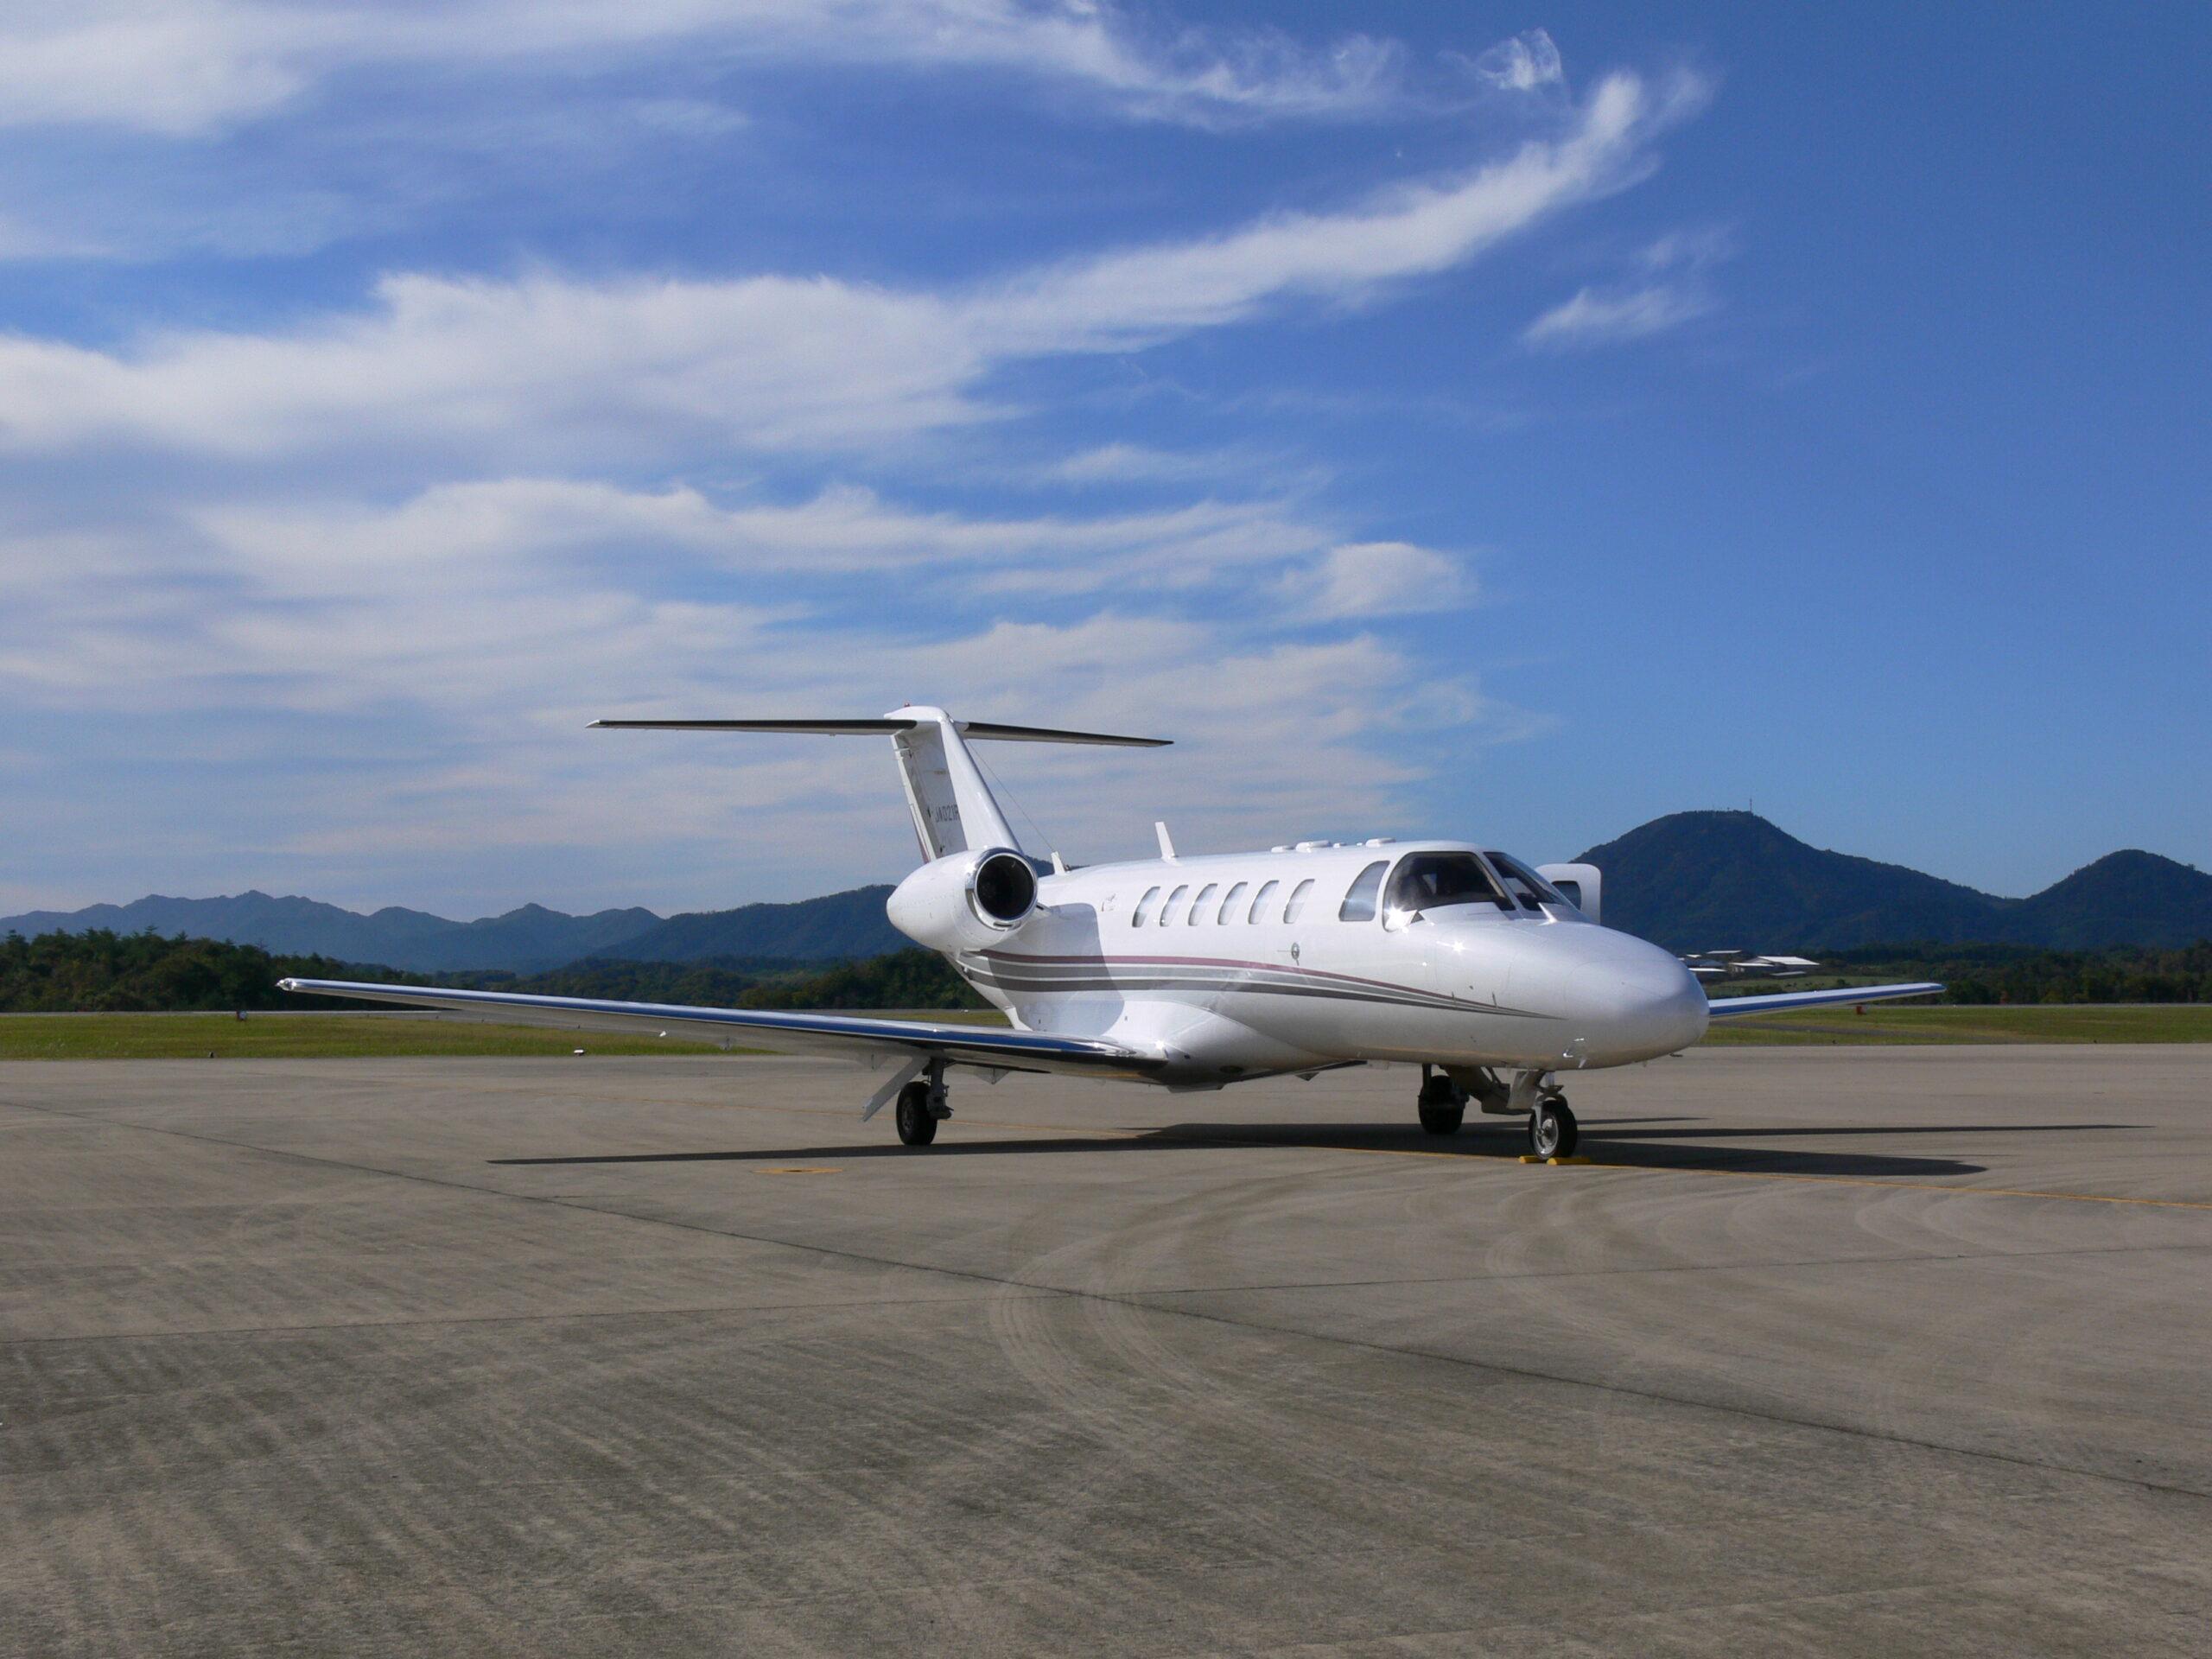 プライベートジェットで空から2022年の初日の出、「ROKU KYOTO」で600万円の特別プランが登場